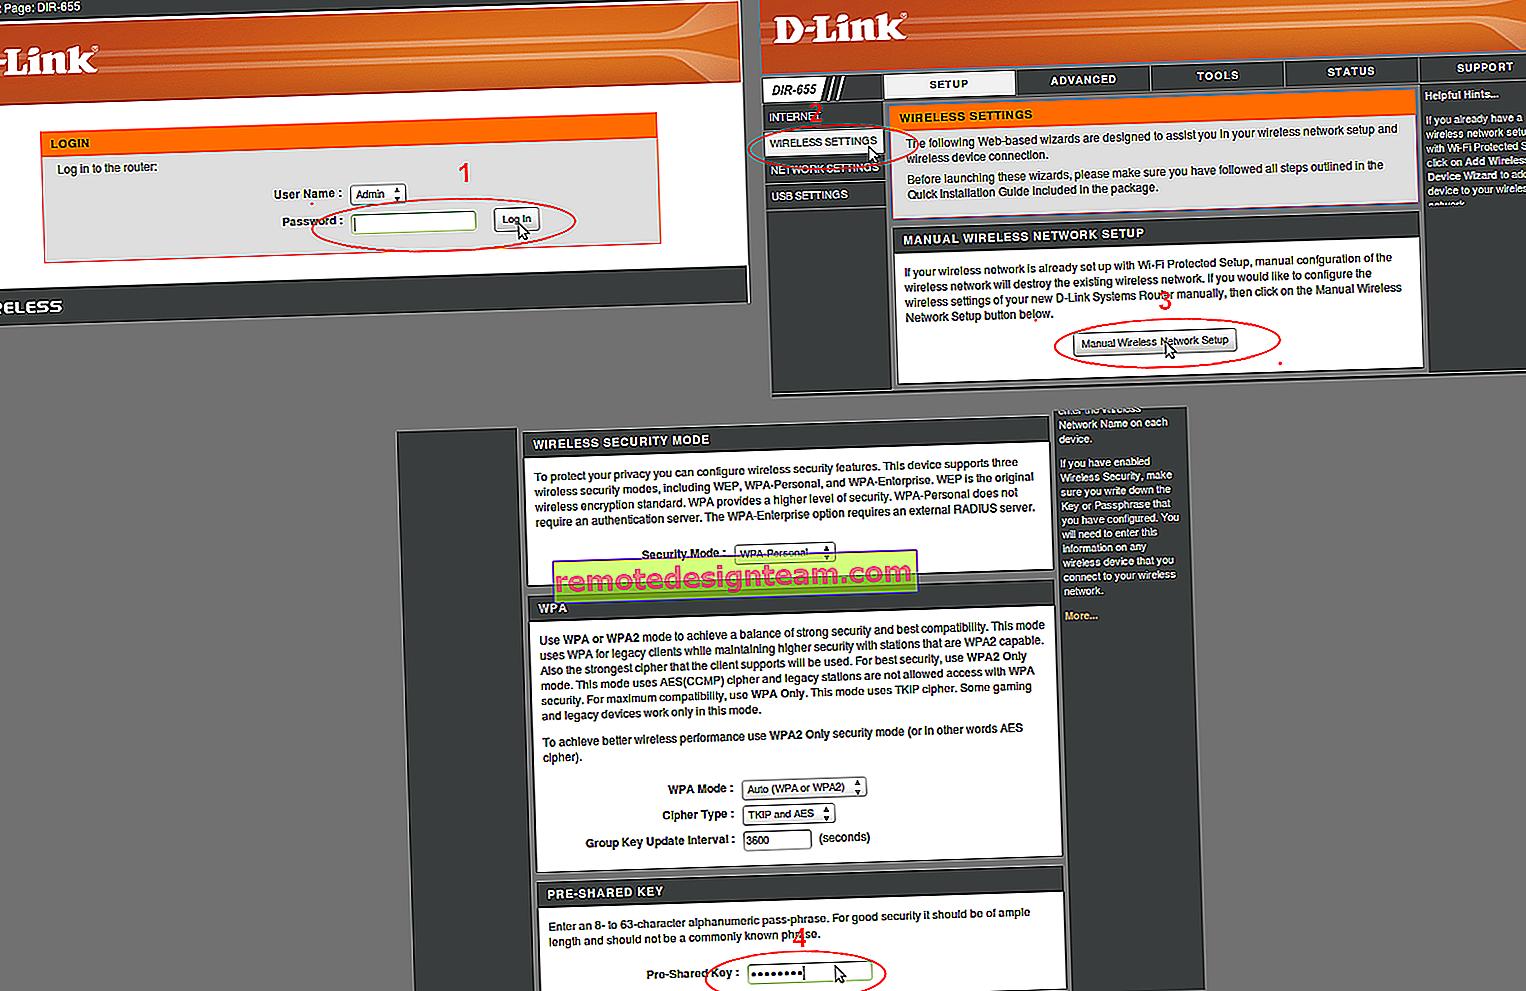 Configurazione del Wi-Fi e impostazione di una password (modifica della password) della rete wireless su D-Link DIR-615